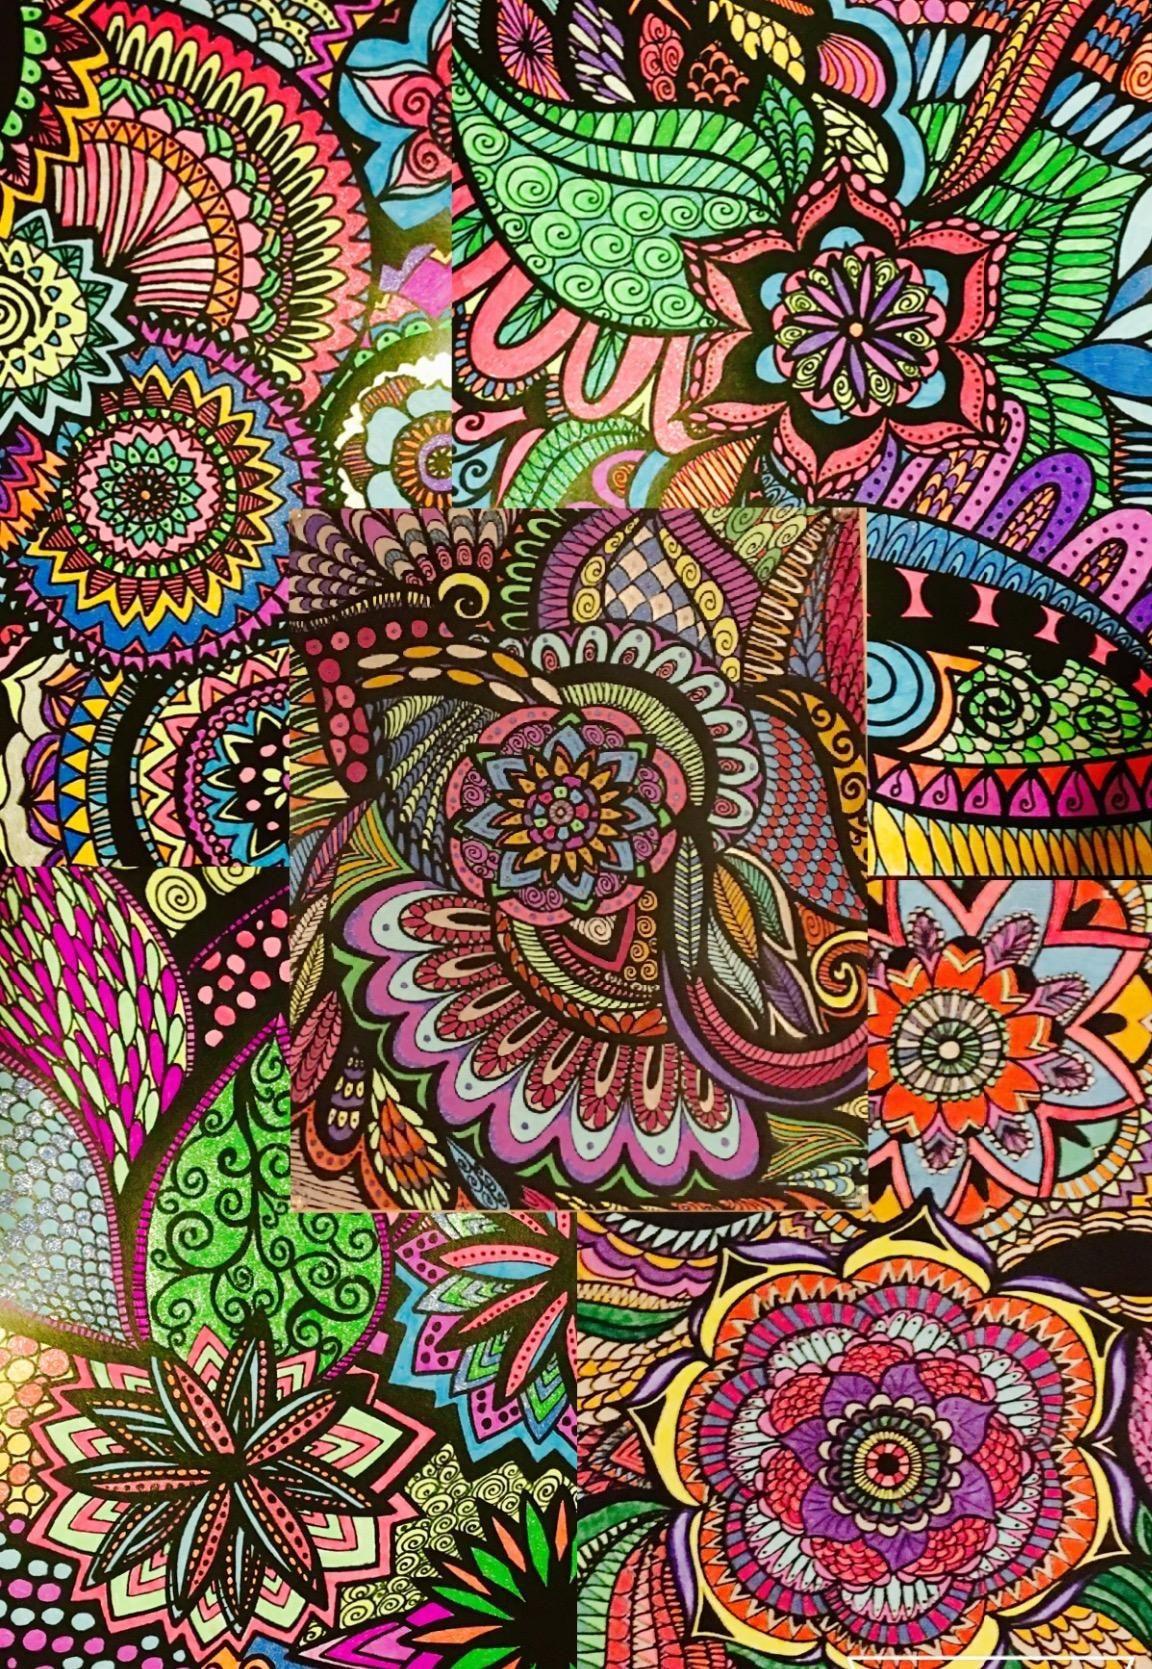 Pin On Art Ideas 2